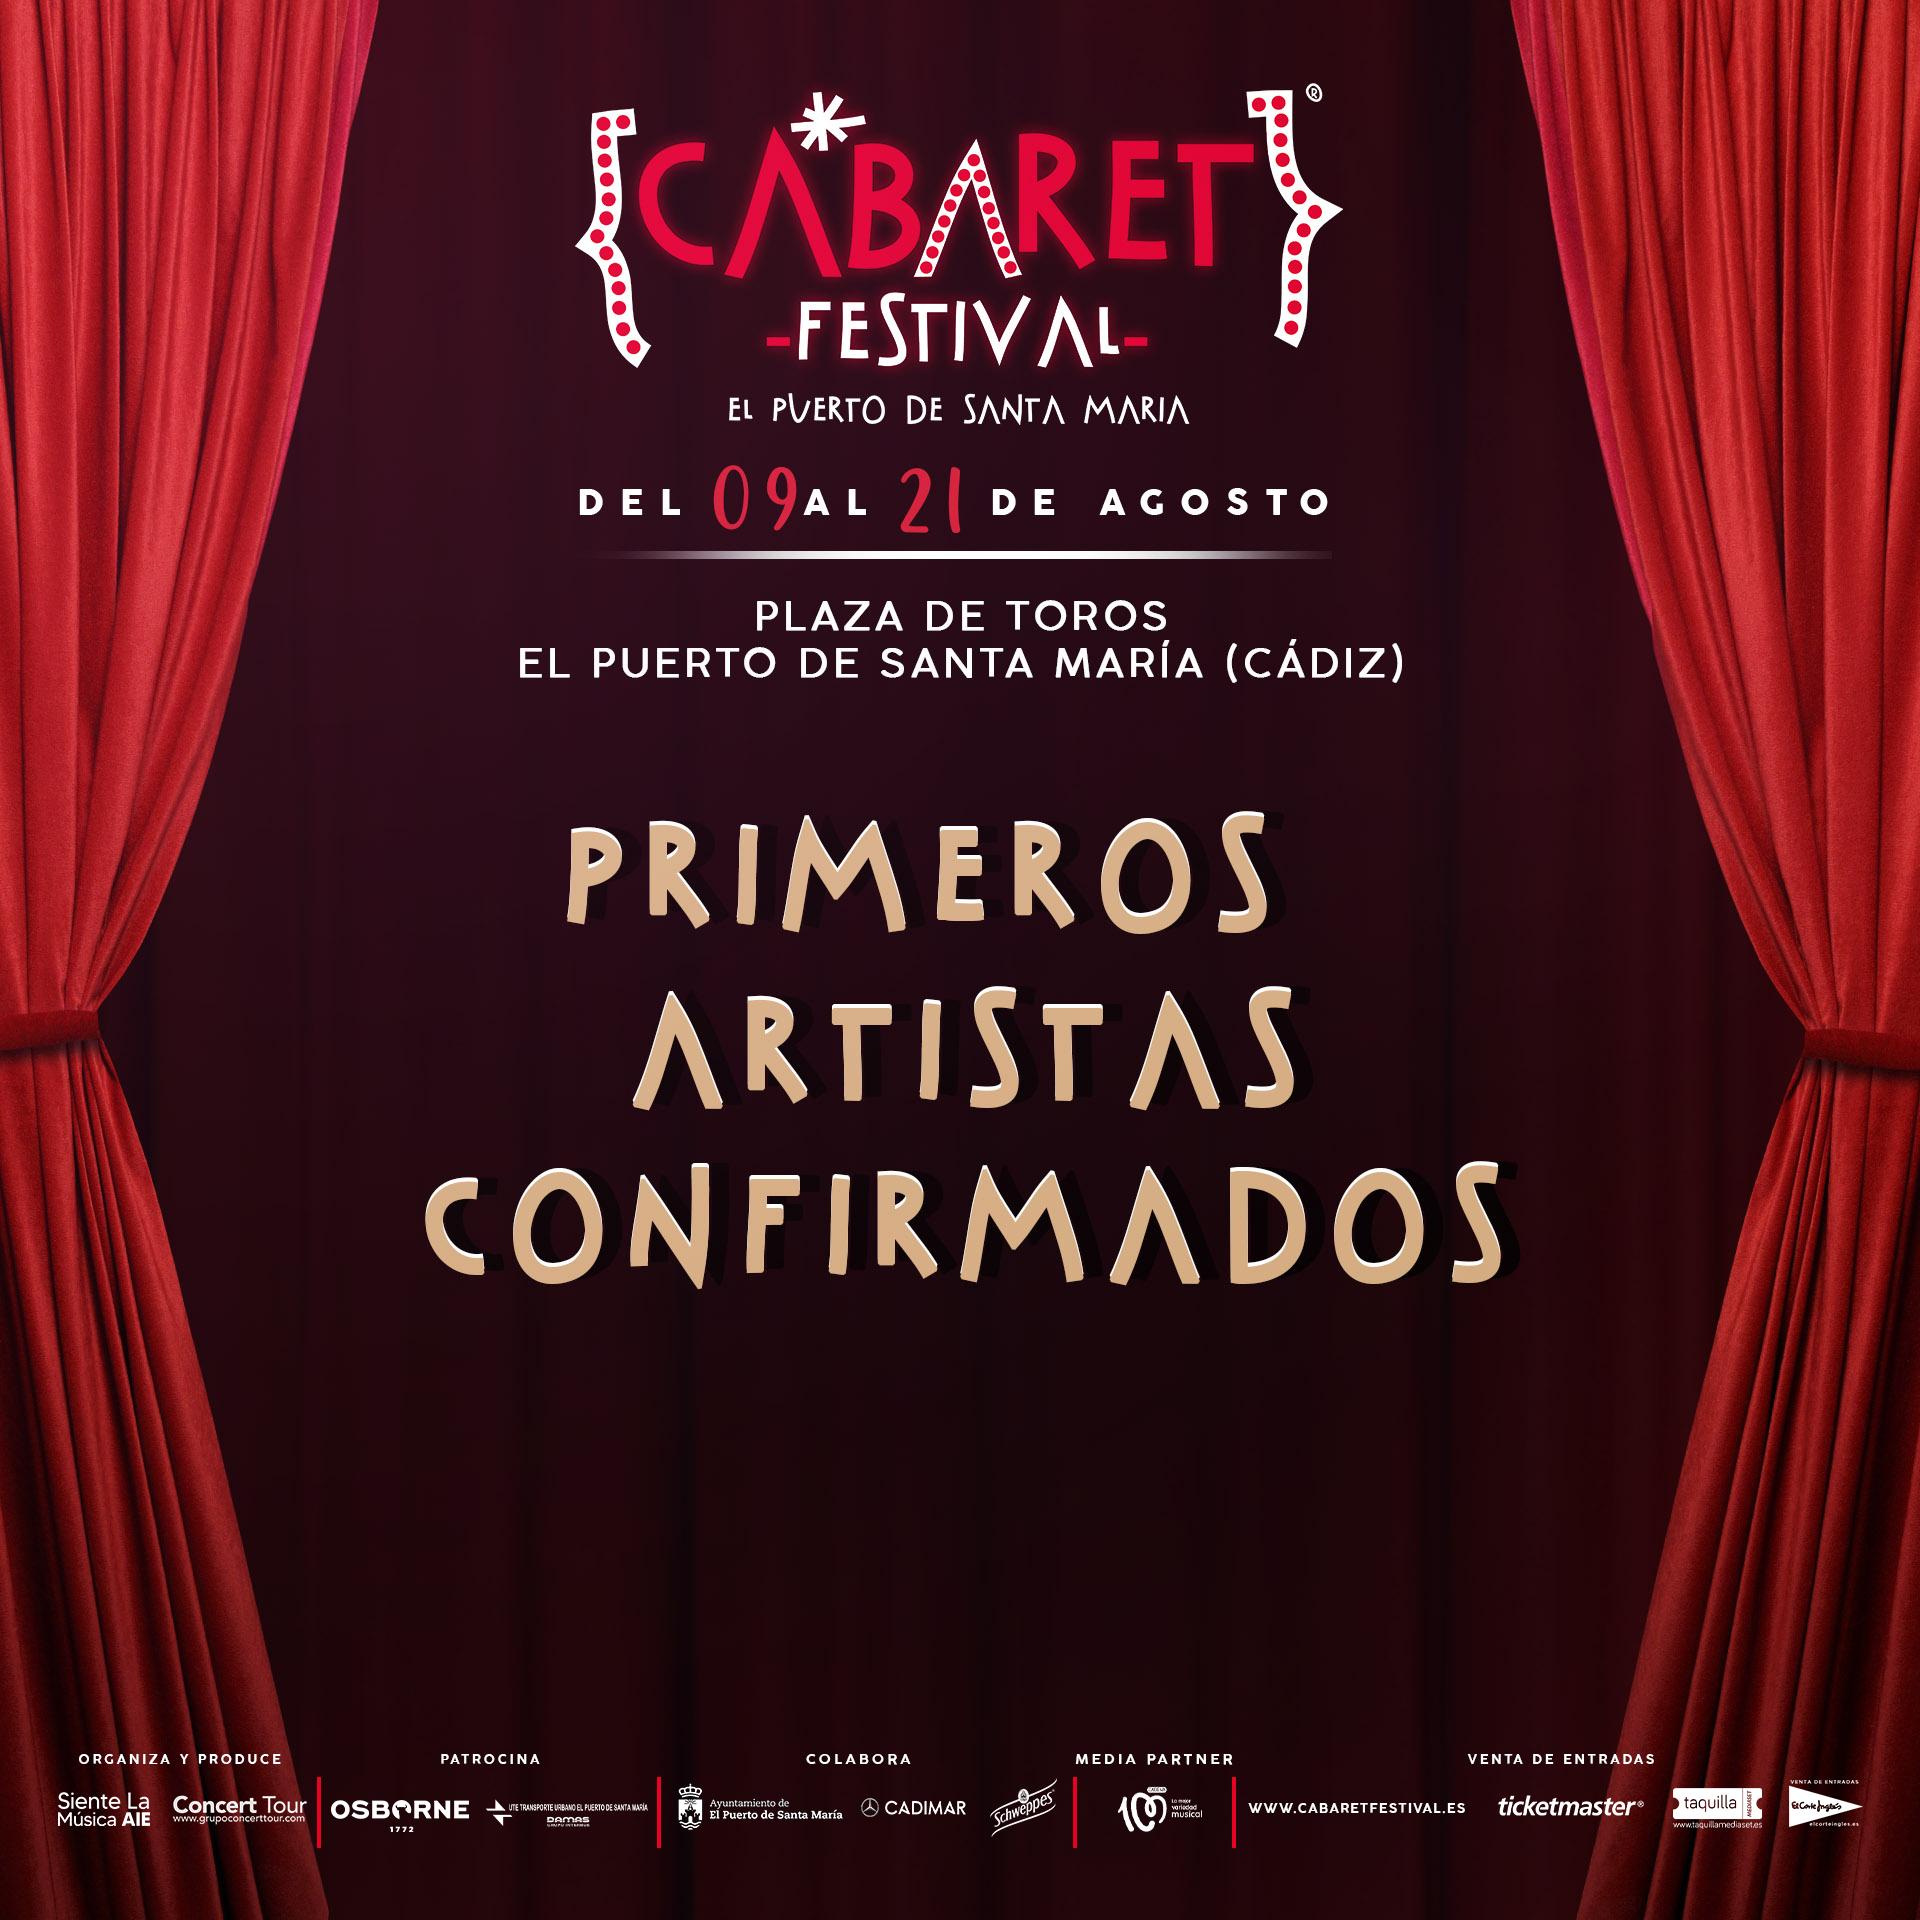 Cabaret Festival amplía su cartel de primeros artistas confirmados para actuar en El Puerto De Santa María, en una cita que tendrá lugar en su Plaza de Toros del 09 al 21 de agosto de 2020